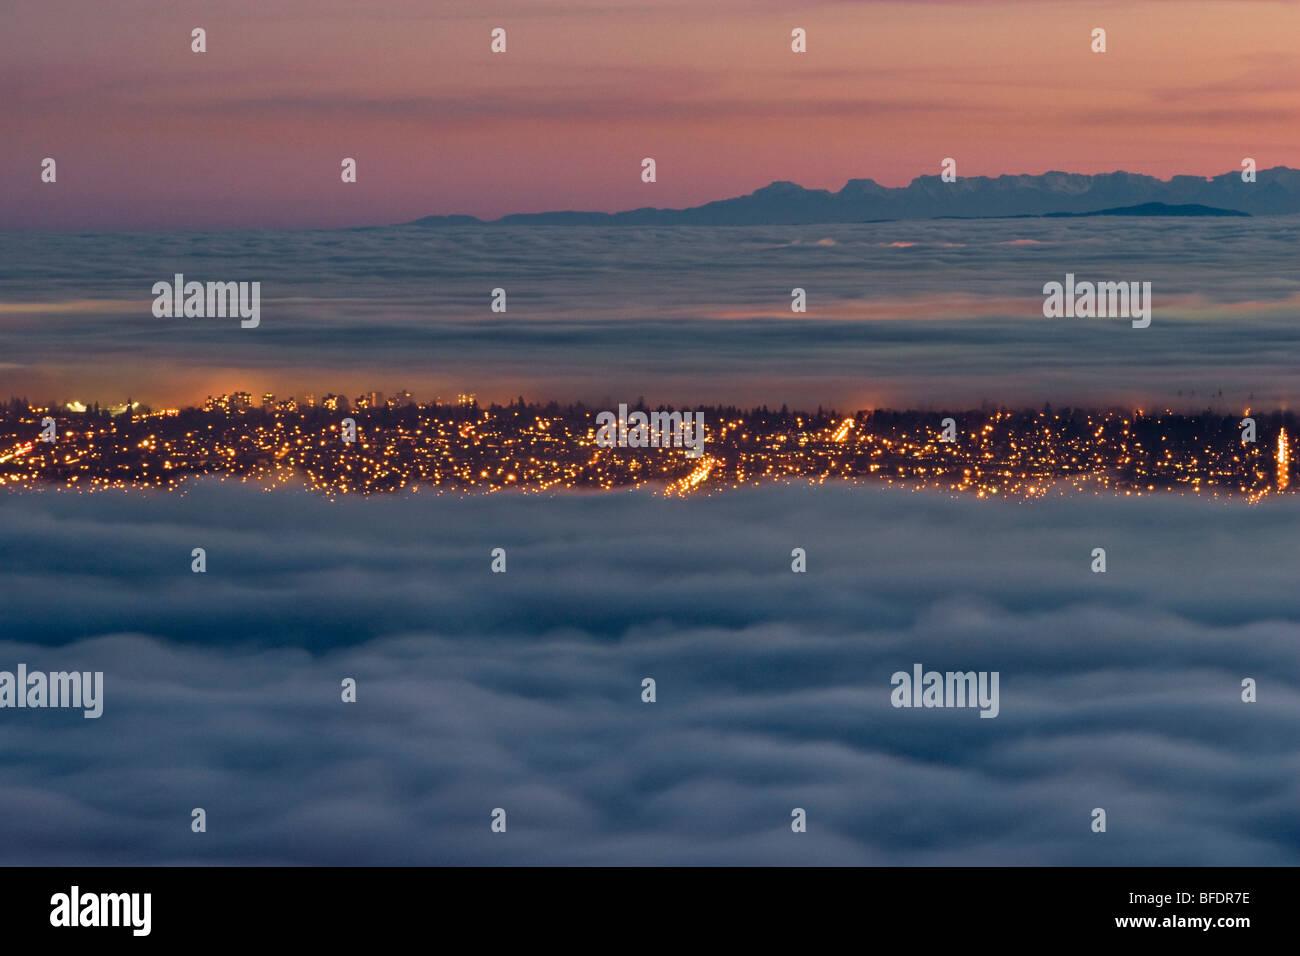 Vancouver e Lower Mainland parzialmente coperta di nebbia e nuvole al tramonto. West Vancouver, British Columbia, Immagini Stock